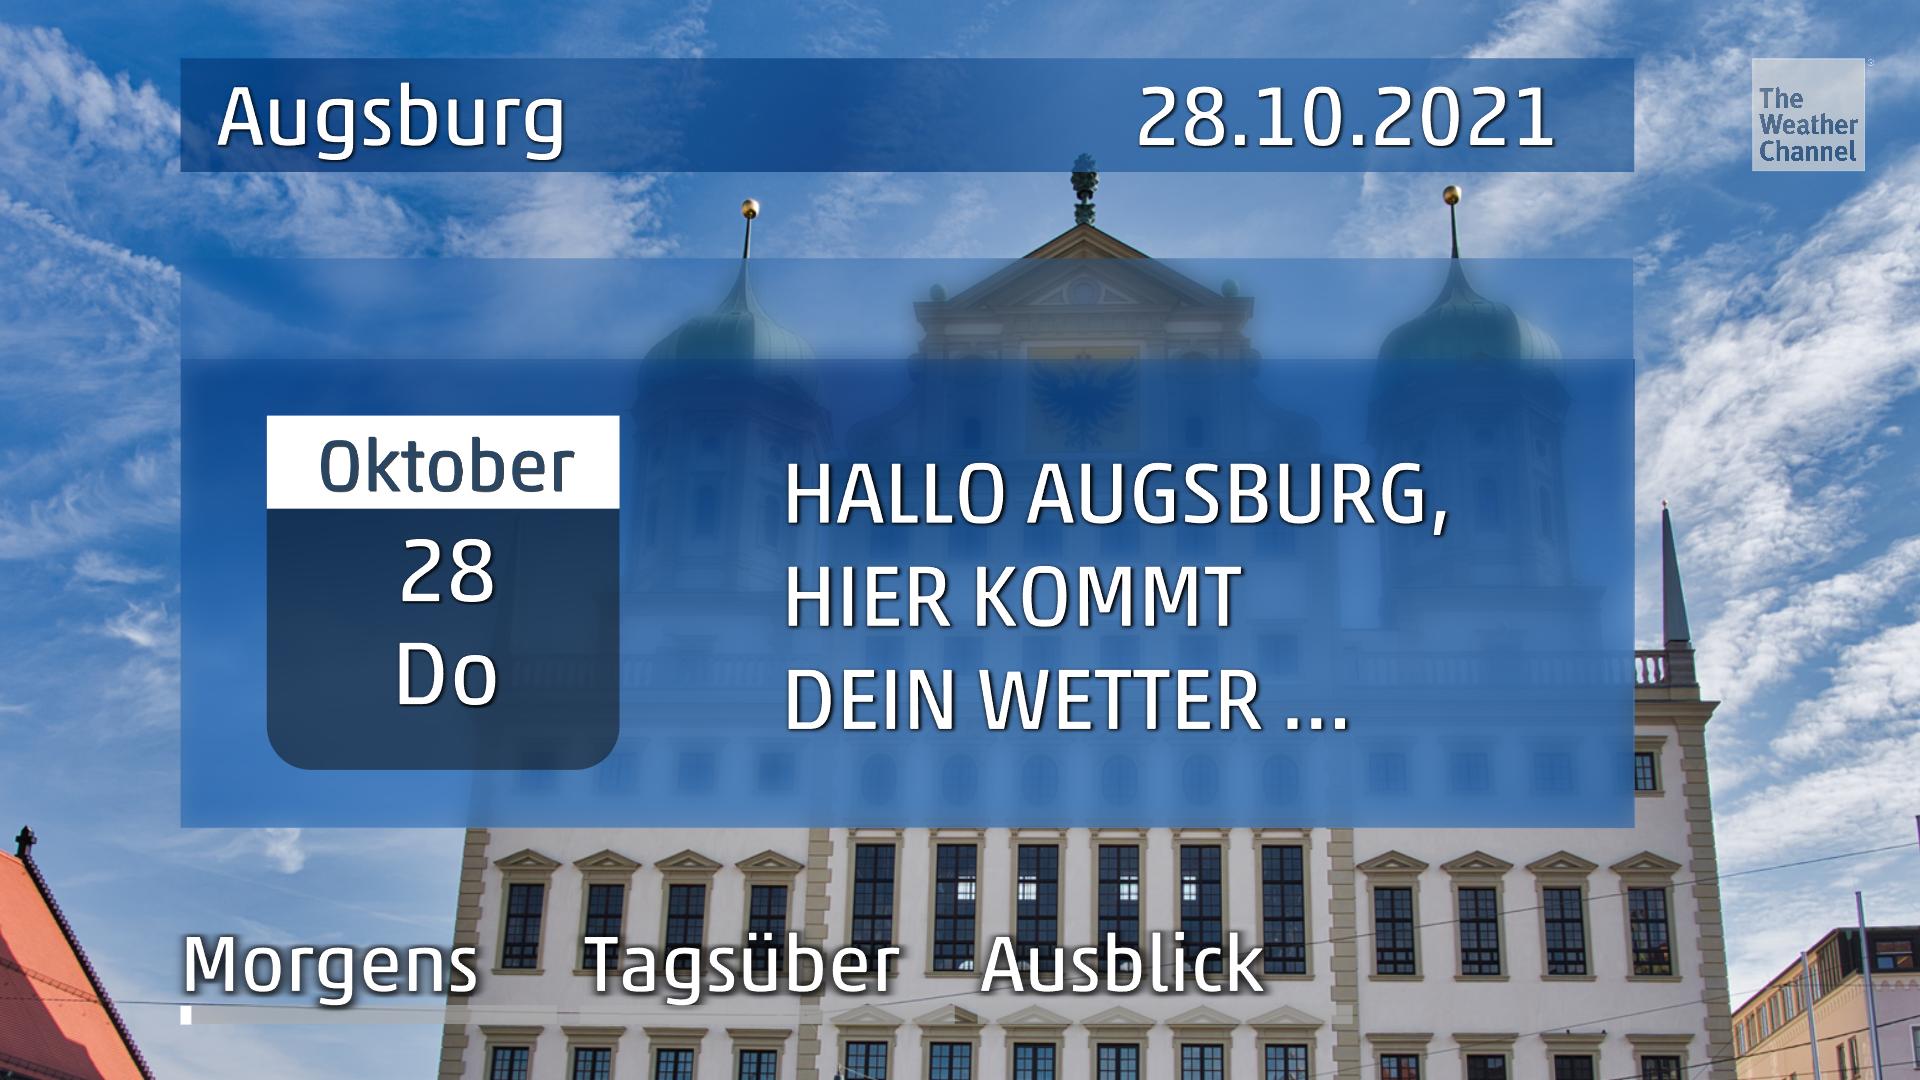 Das Wetter für Augsburg am Donnerstag, den 28.10.2021